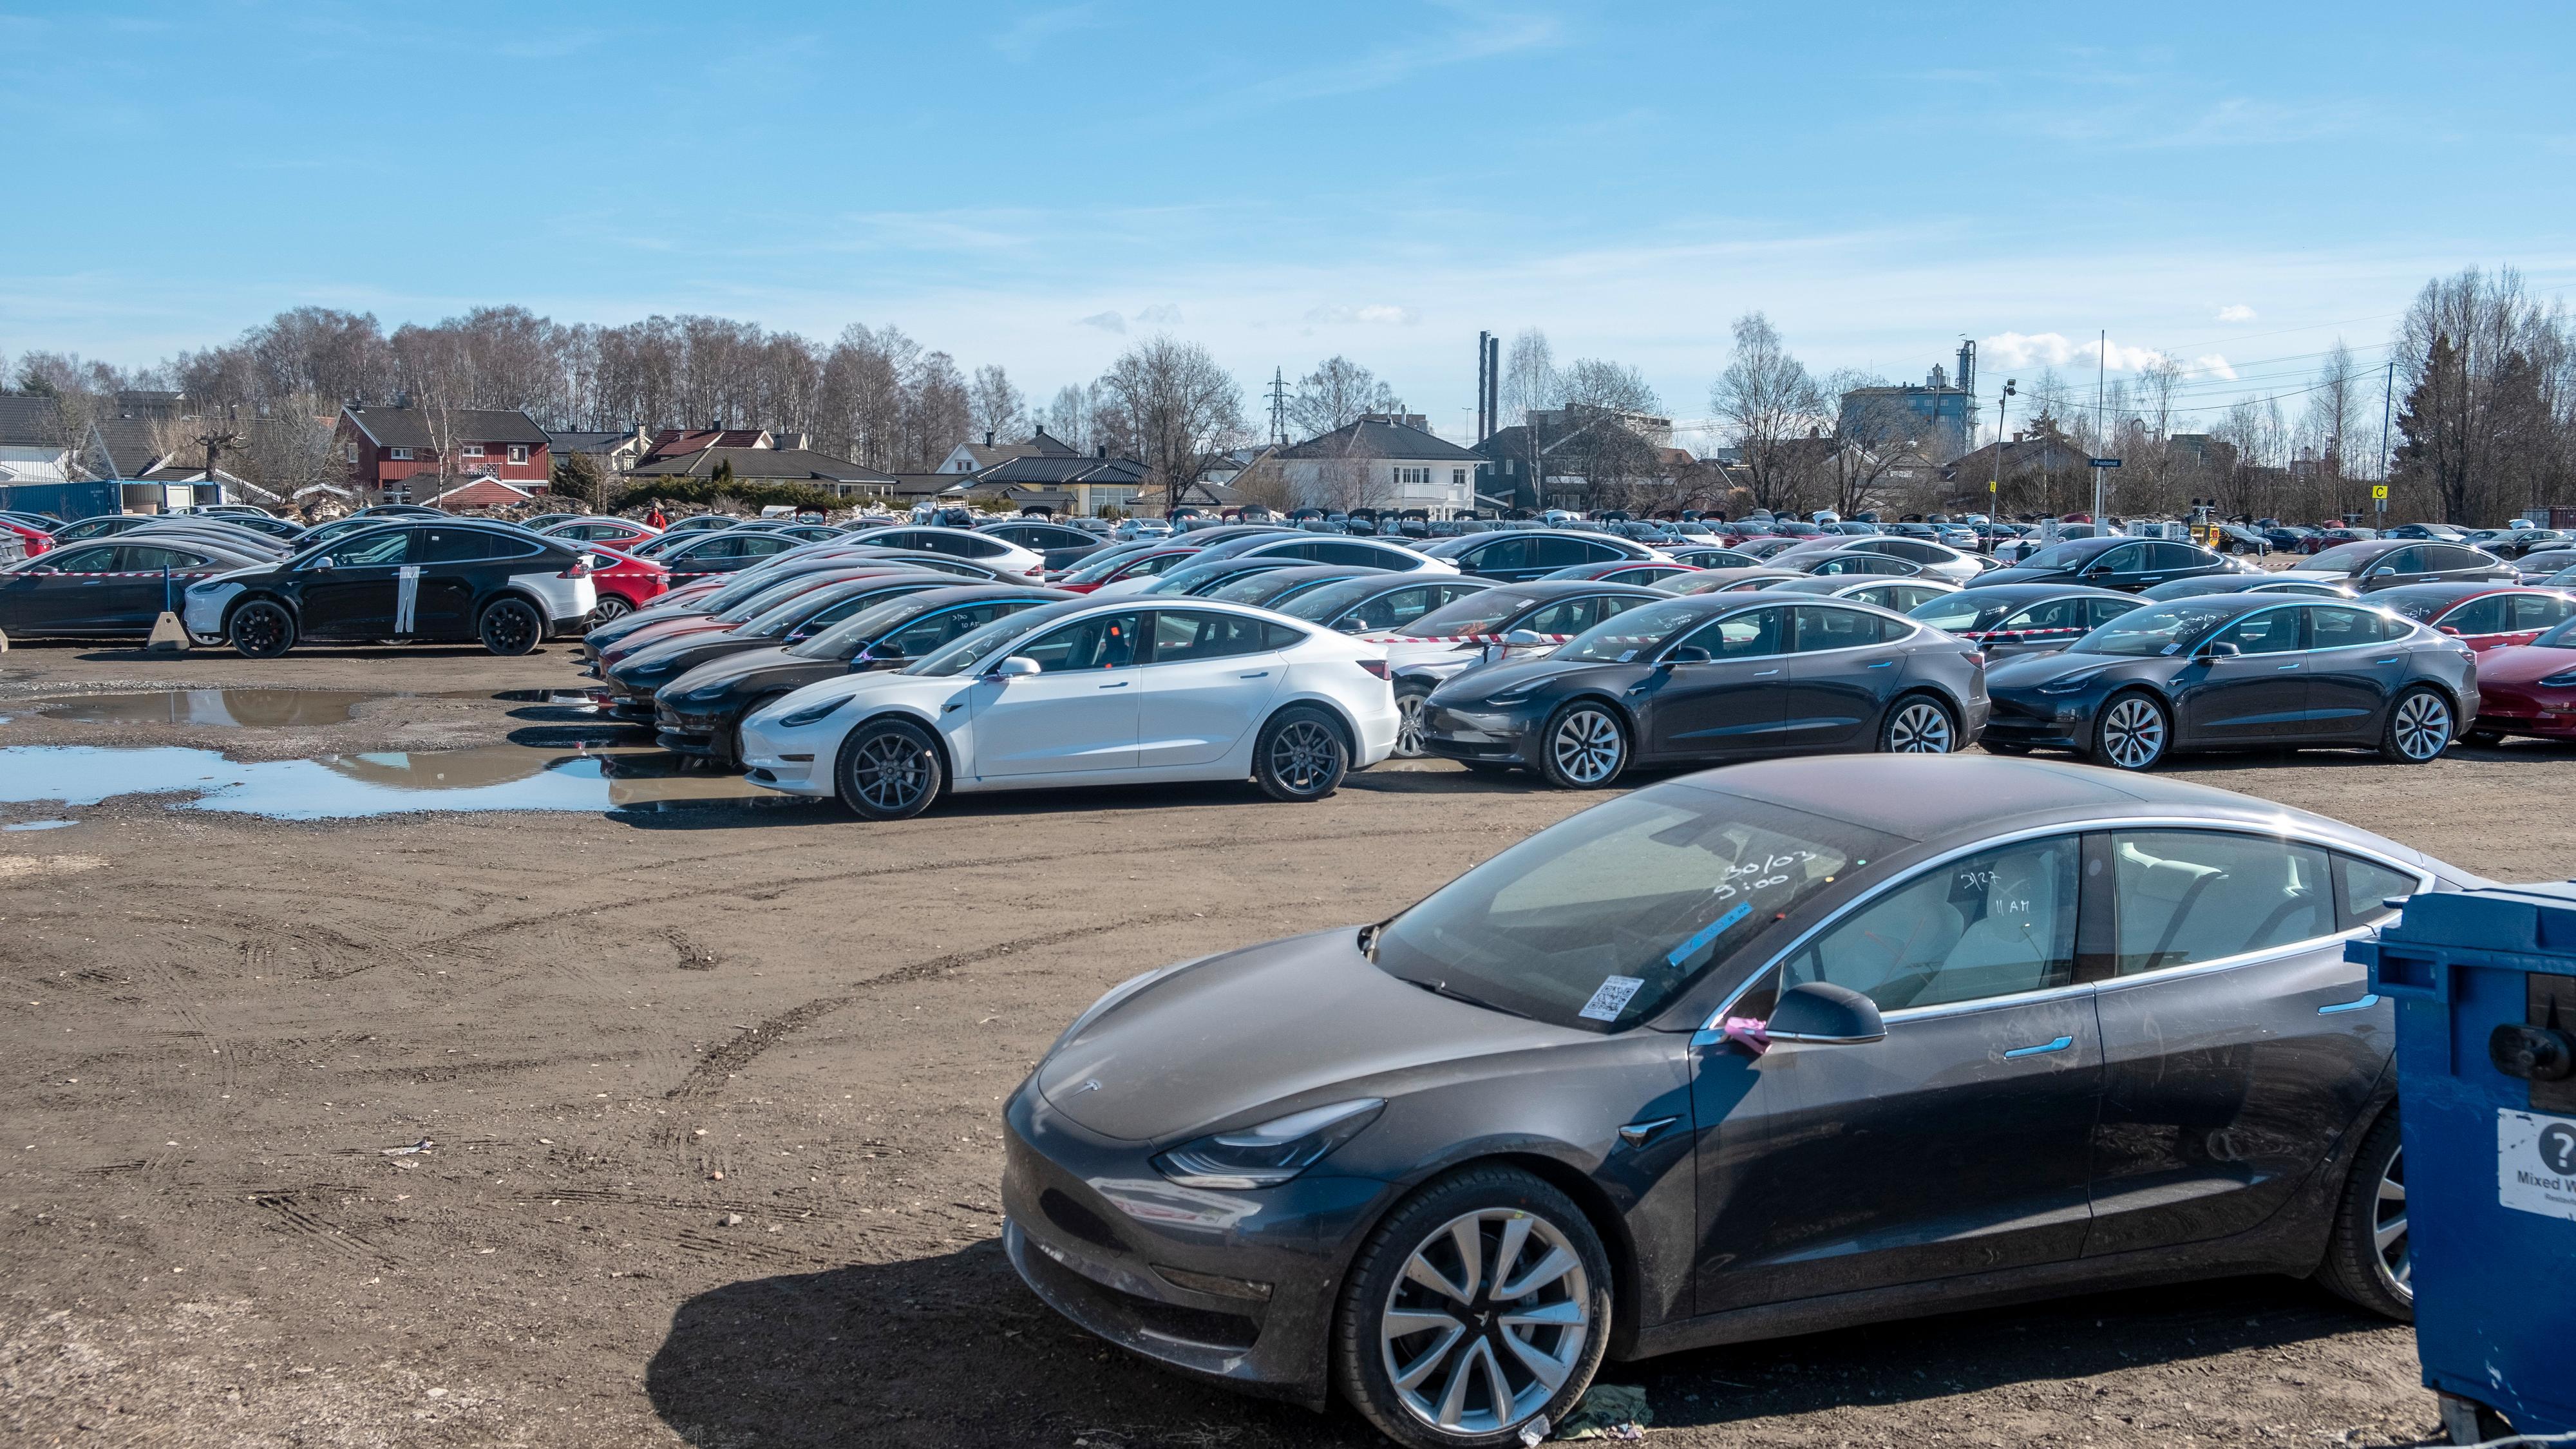 Slik så det ut på varemessa i Lillestrøm i mars i 2019. Den gangen ble det registrert over 5300 Model 3-er på én måned. Tesla ber oss pent om å vente på registreringsstatistikken for å få et inntrykk av hvor mange nye Model Y-er som skal ut på veiene i uken som kommer.